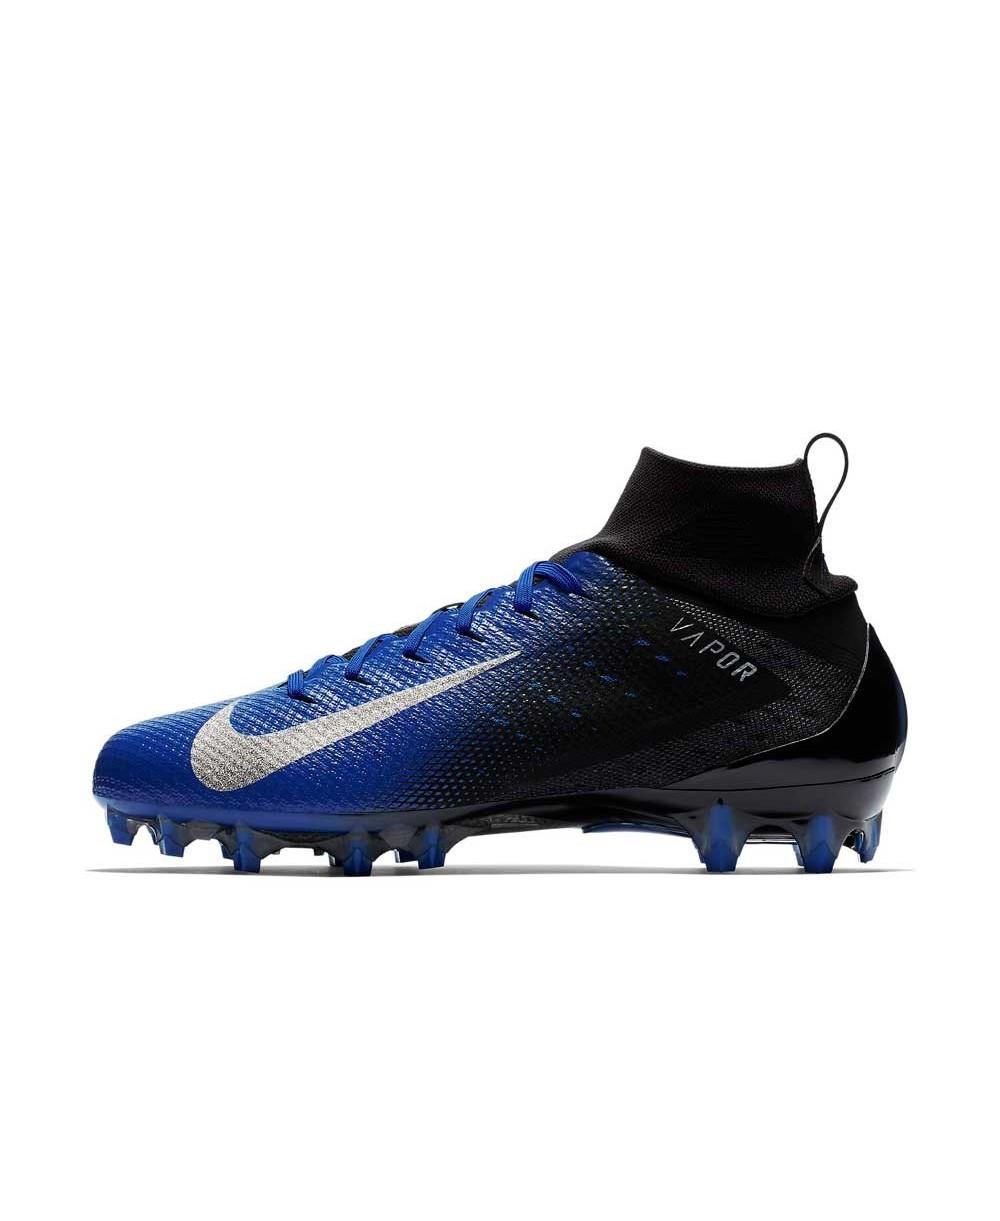 a36fe9892e55 Nike Men s Vapor Untouchable 3 Pro American Football Cleats Game Royal